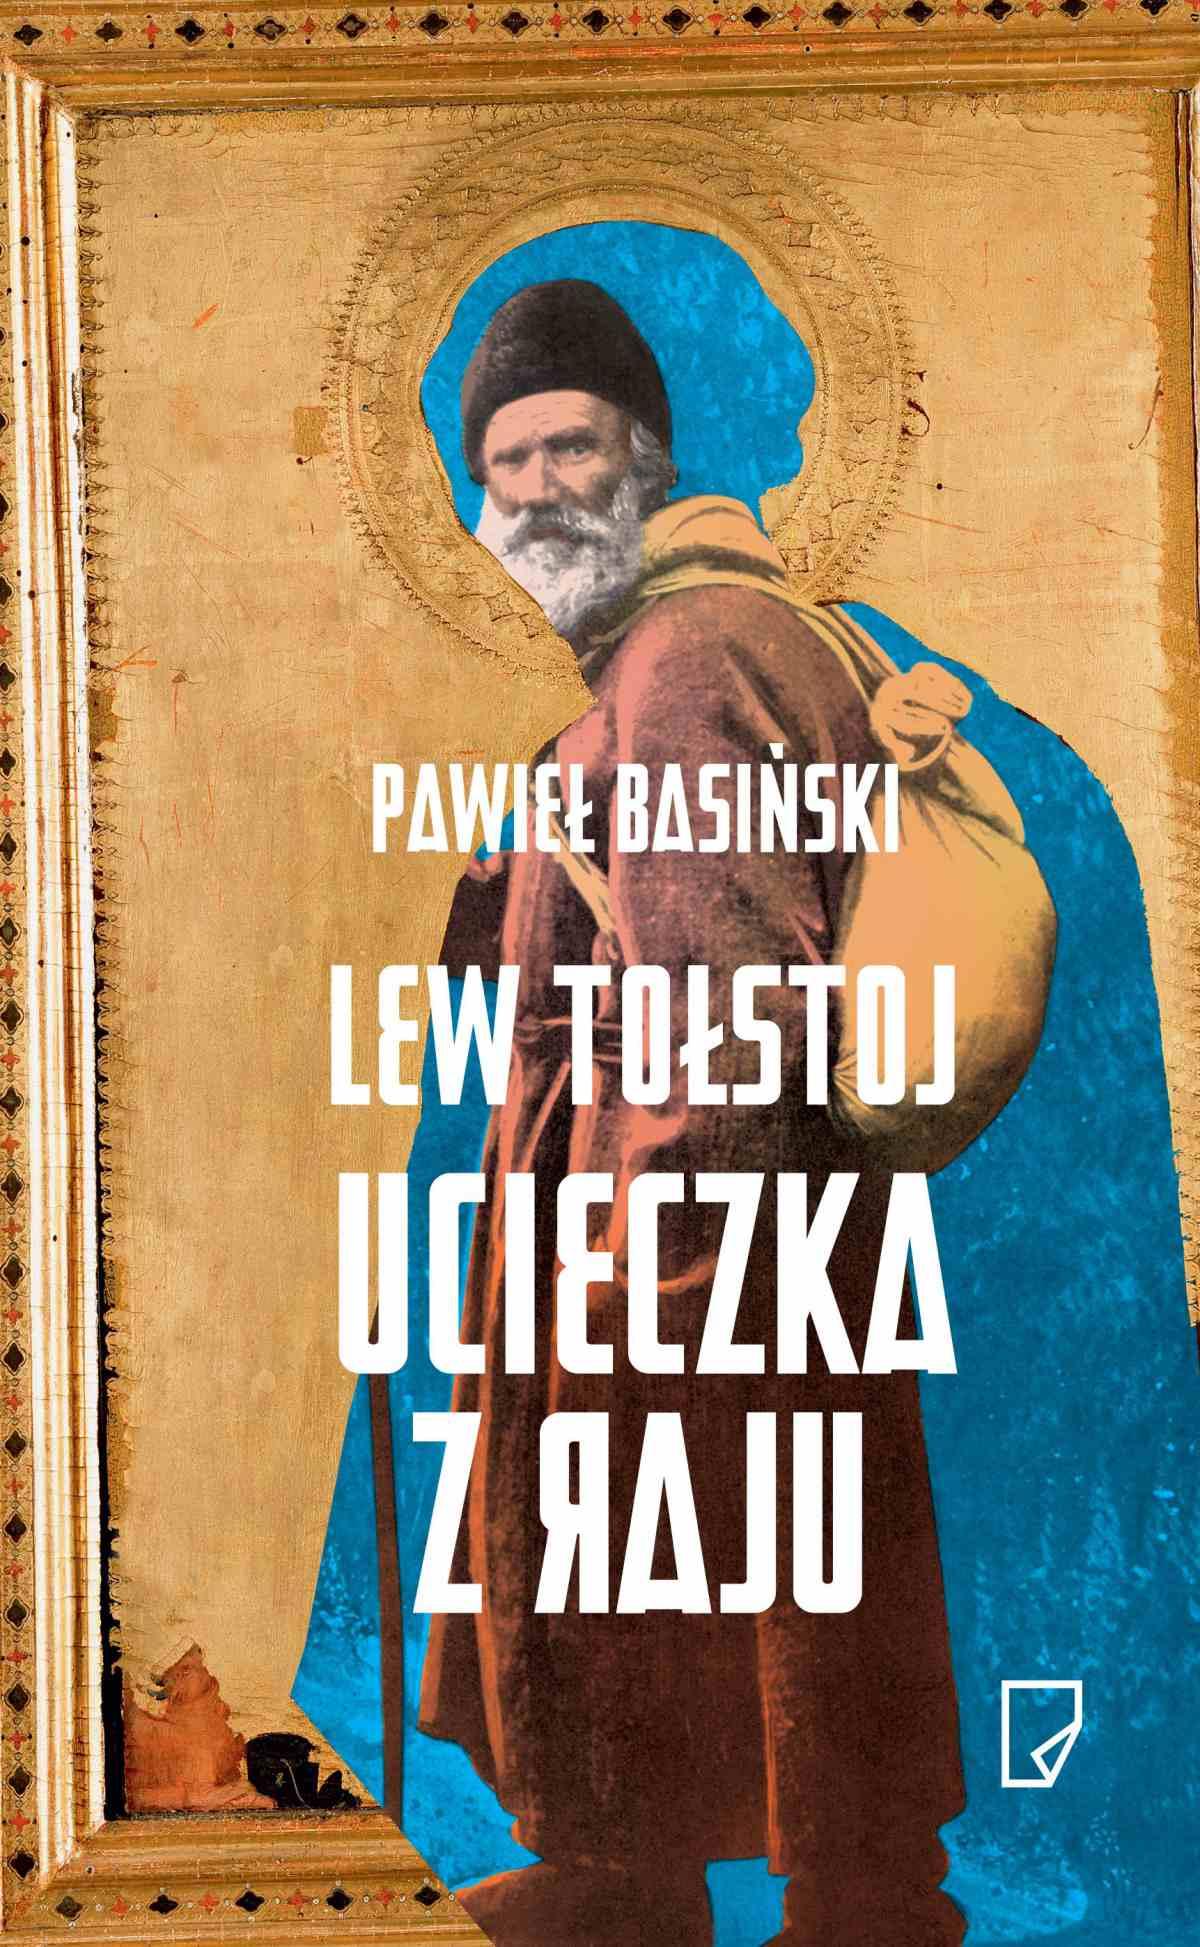 Lew Tołstoj. Ucieczka z raju - Tylko w Legimi możesz przeczytać ten tytuł przez 7 dni za darmo. - Pawieł Basiński